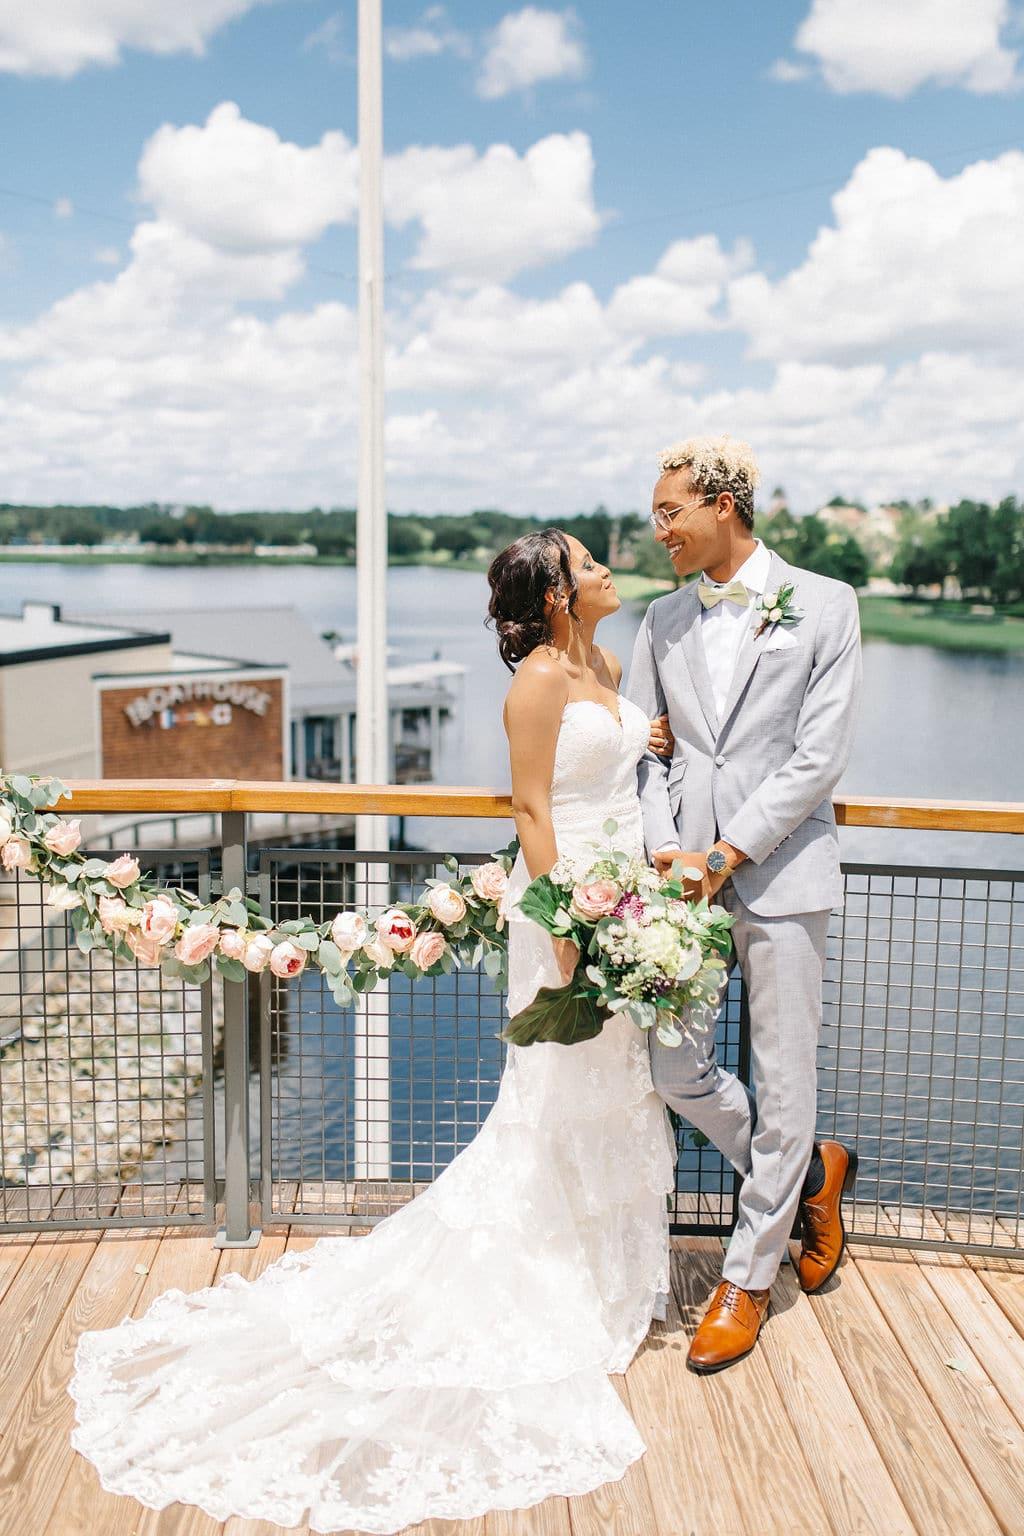 micro wedding Disney Princess and the Frog Wedding Theme